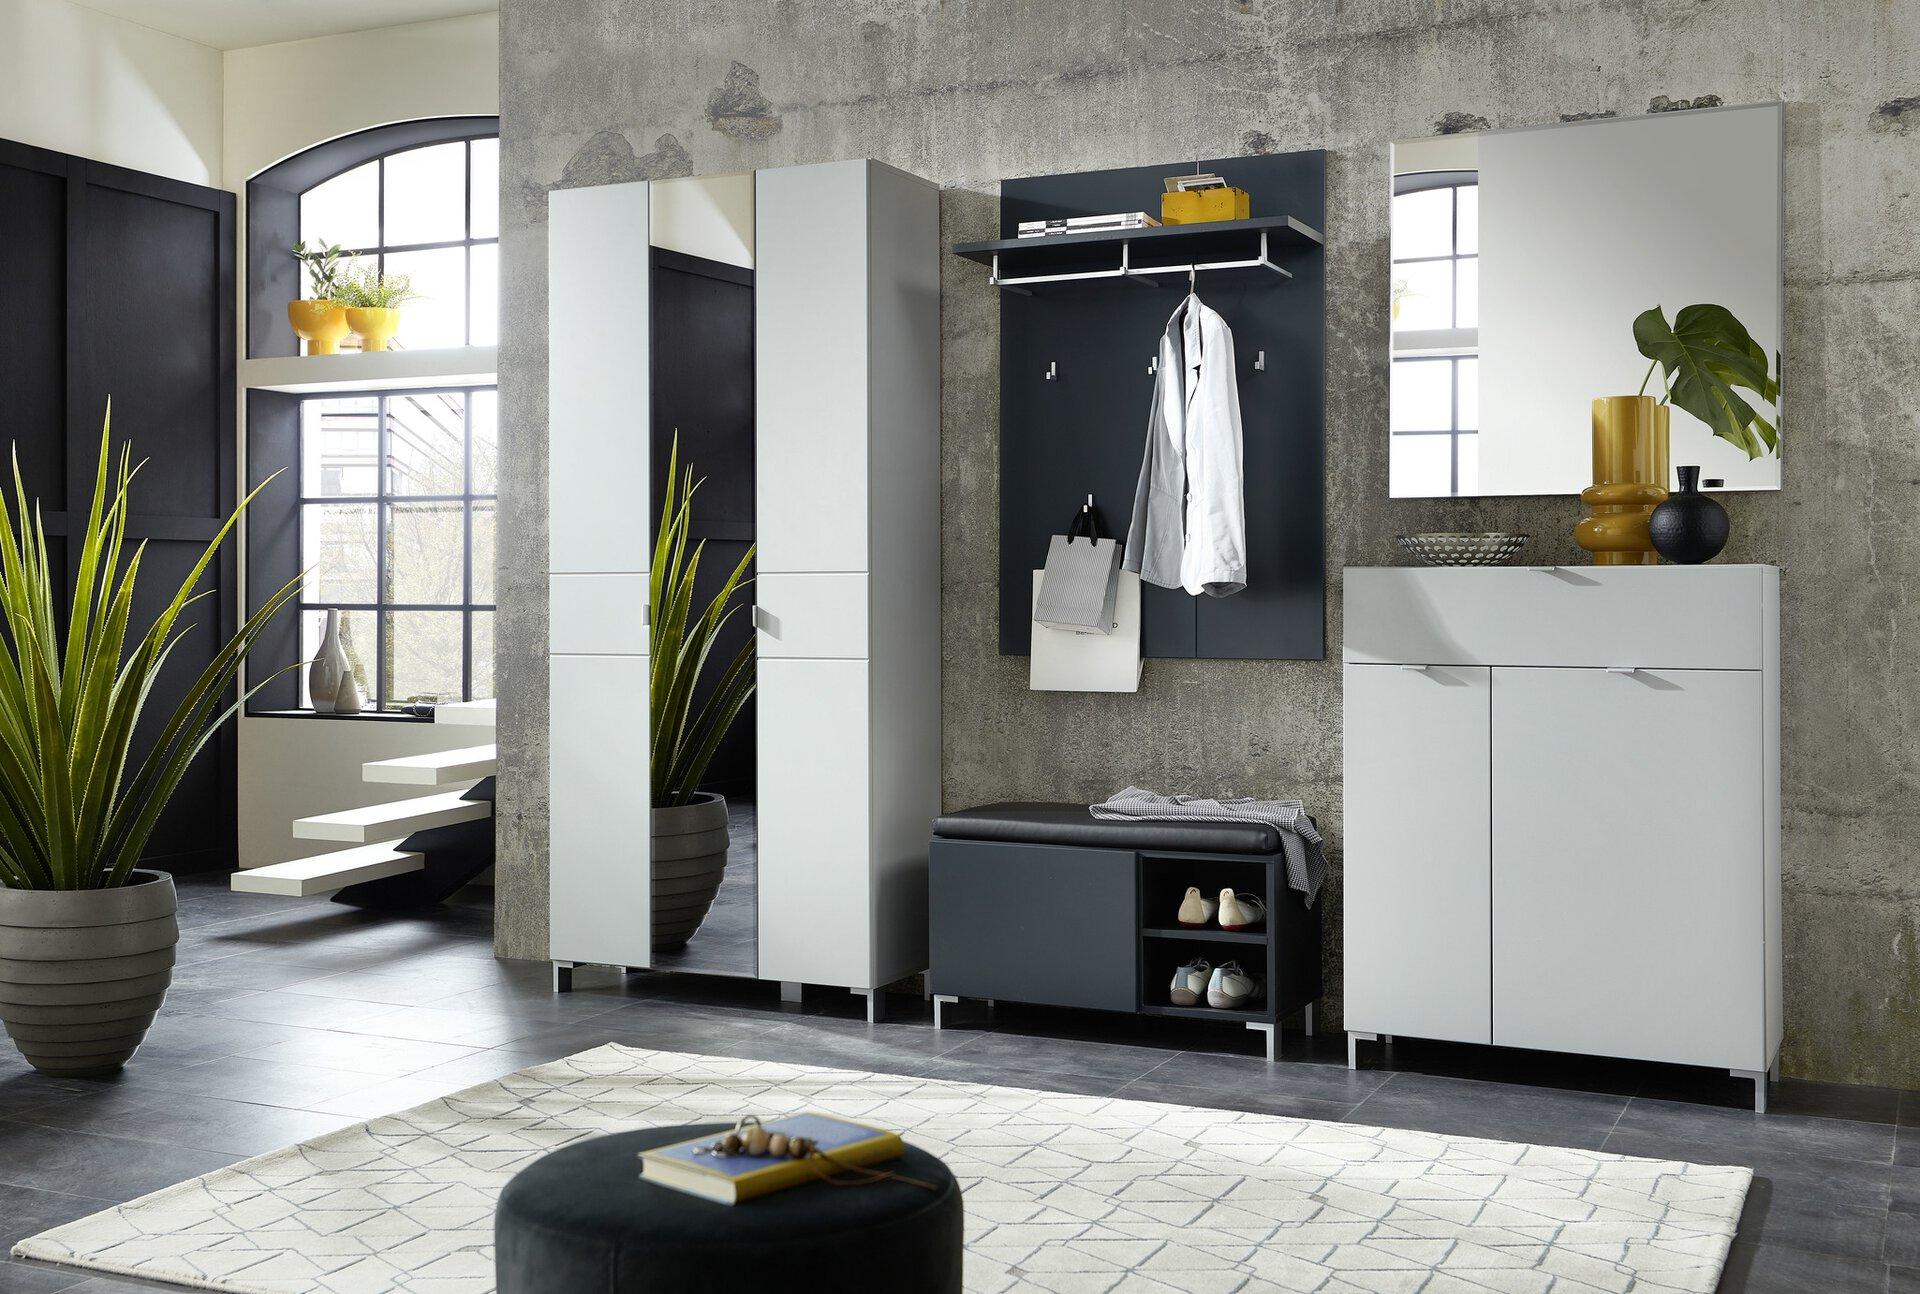 Garderobenpaneel KEYTO Vito Holzwerkstoff grau 30 x 116 x 80 cm